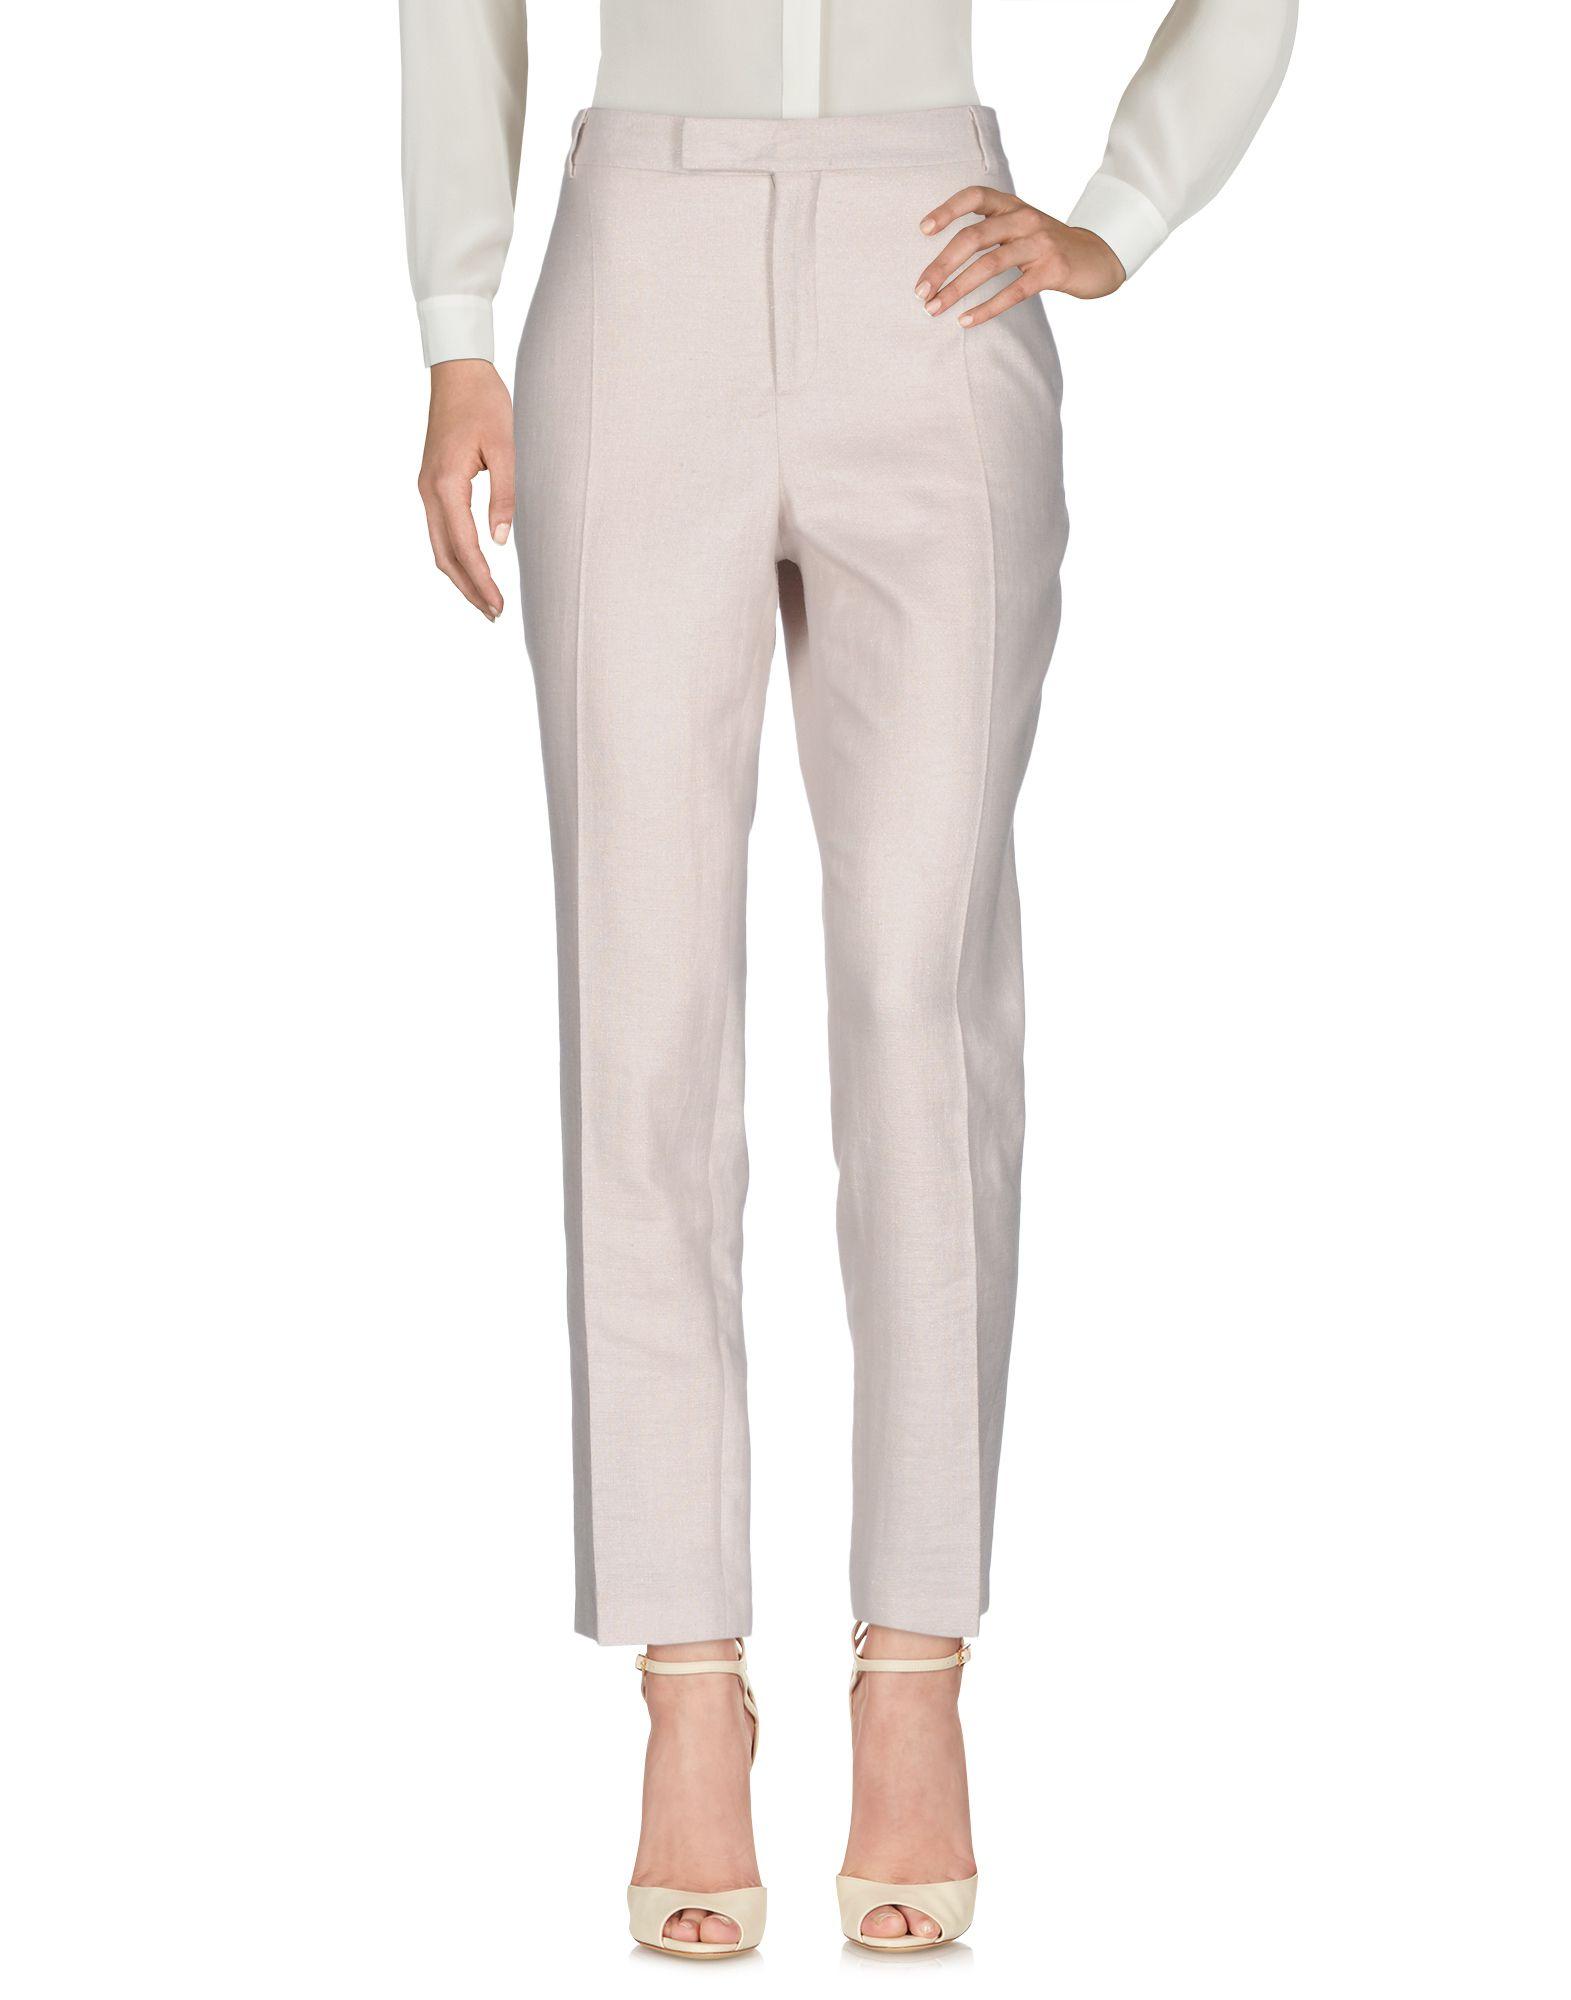 STILLS Casual Pants in Light Grey